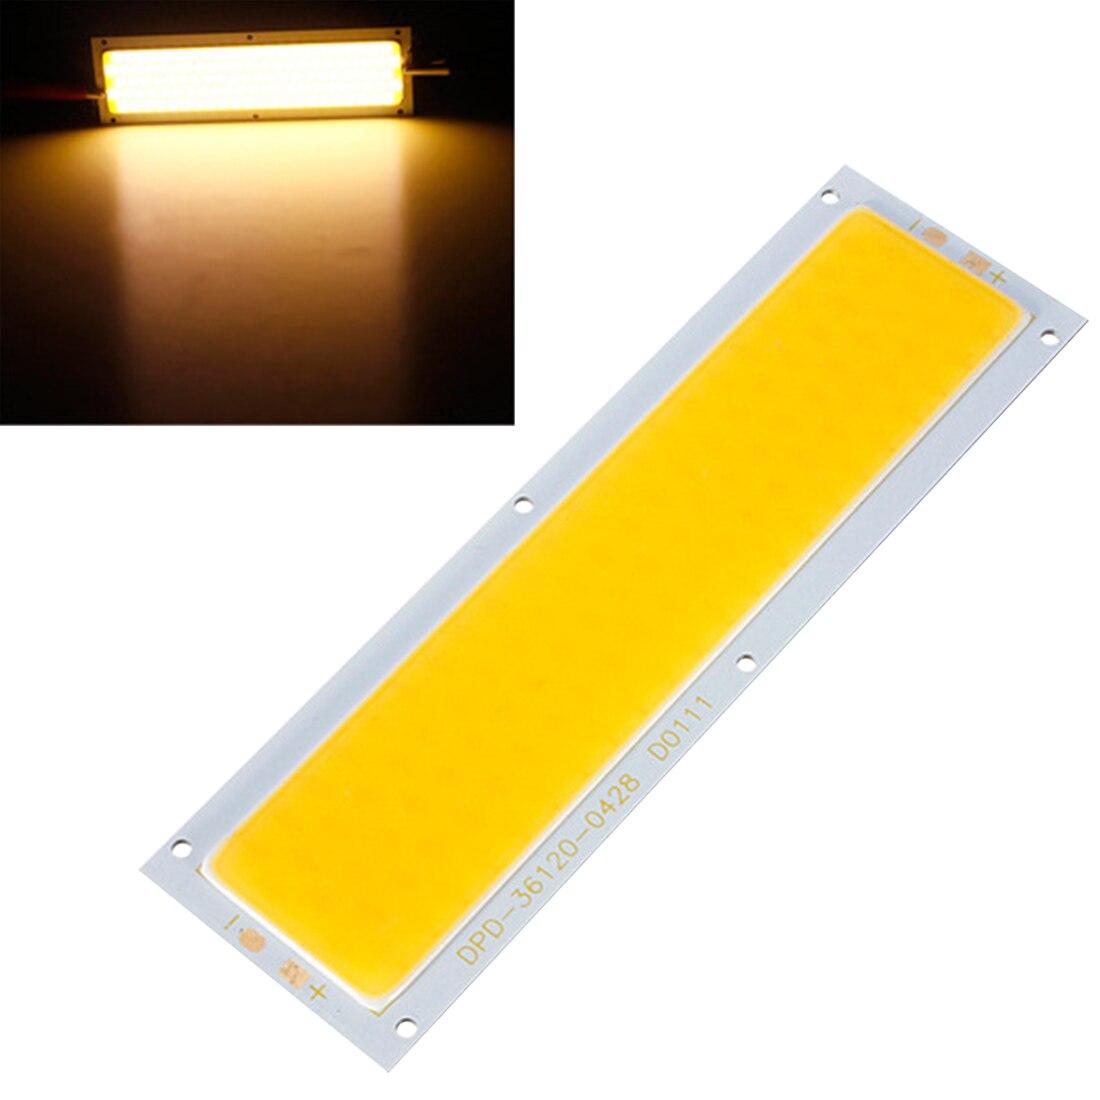 10 Вт лампы УДАРА СВЕТОДИОДНЫЙ Панель полосы света чип автомобилей источник света теплый белый чистый белый для DIY Spotlight пол освещение DC12-24V